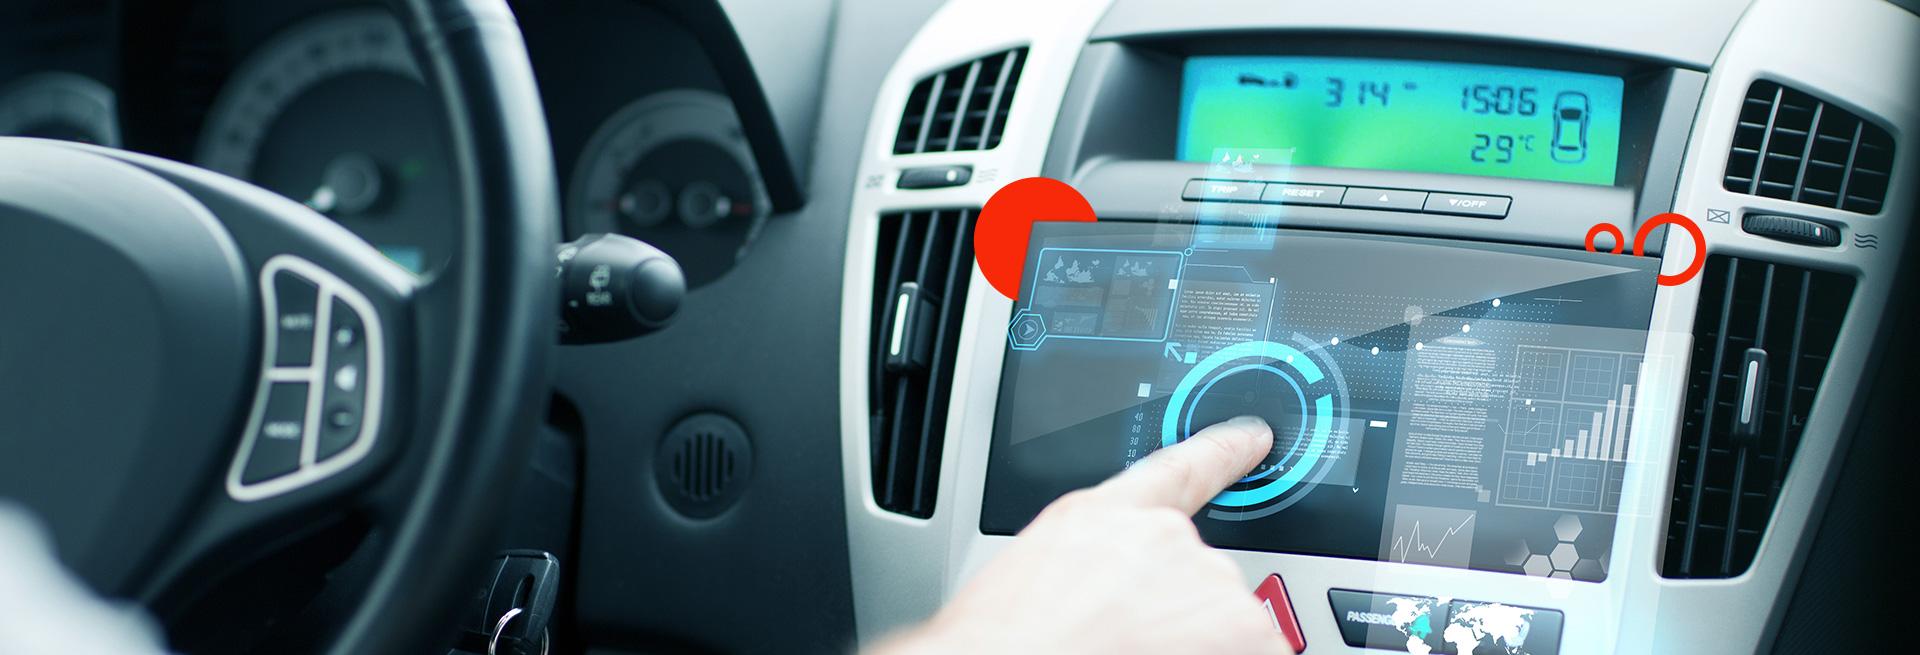 Já imaginou se os carros não tivessem retrovisores? Como seria dirigir? Em nosso vídeo, você entende a importância dos mesmos de um jeito simples!